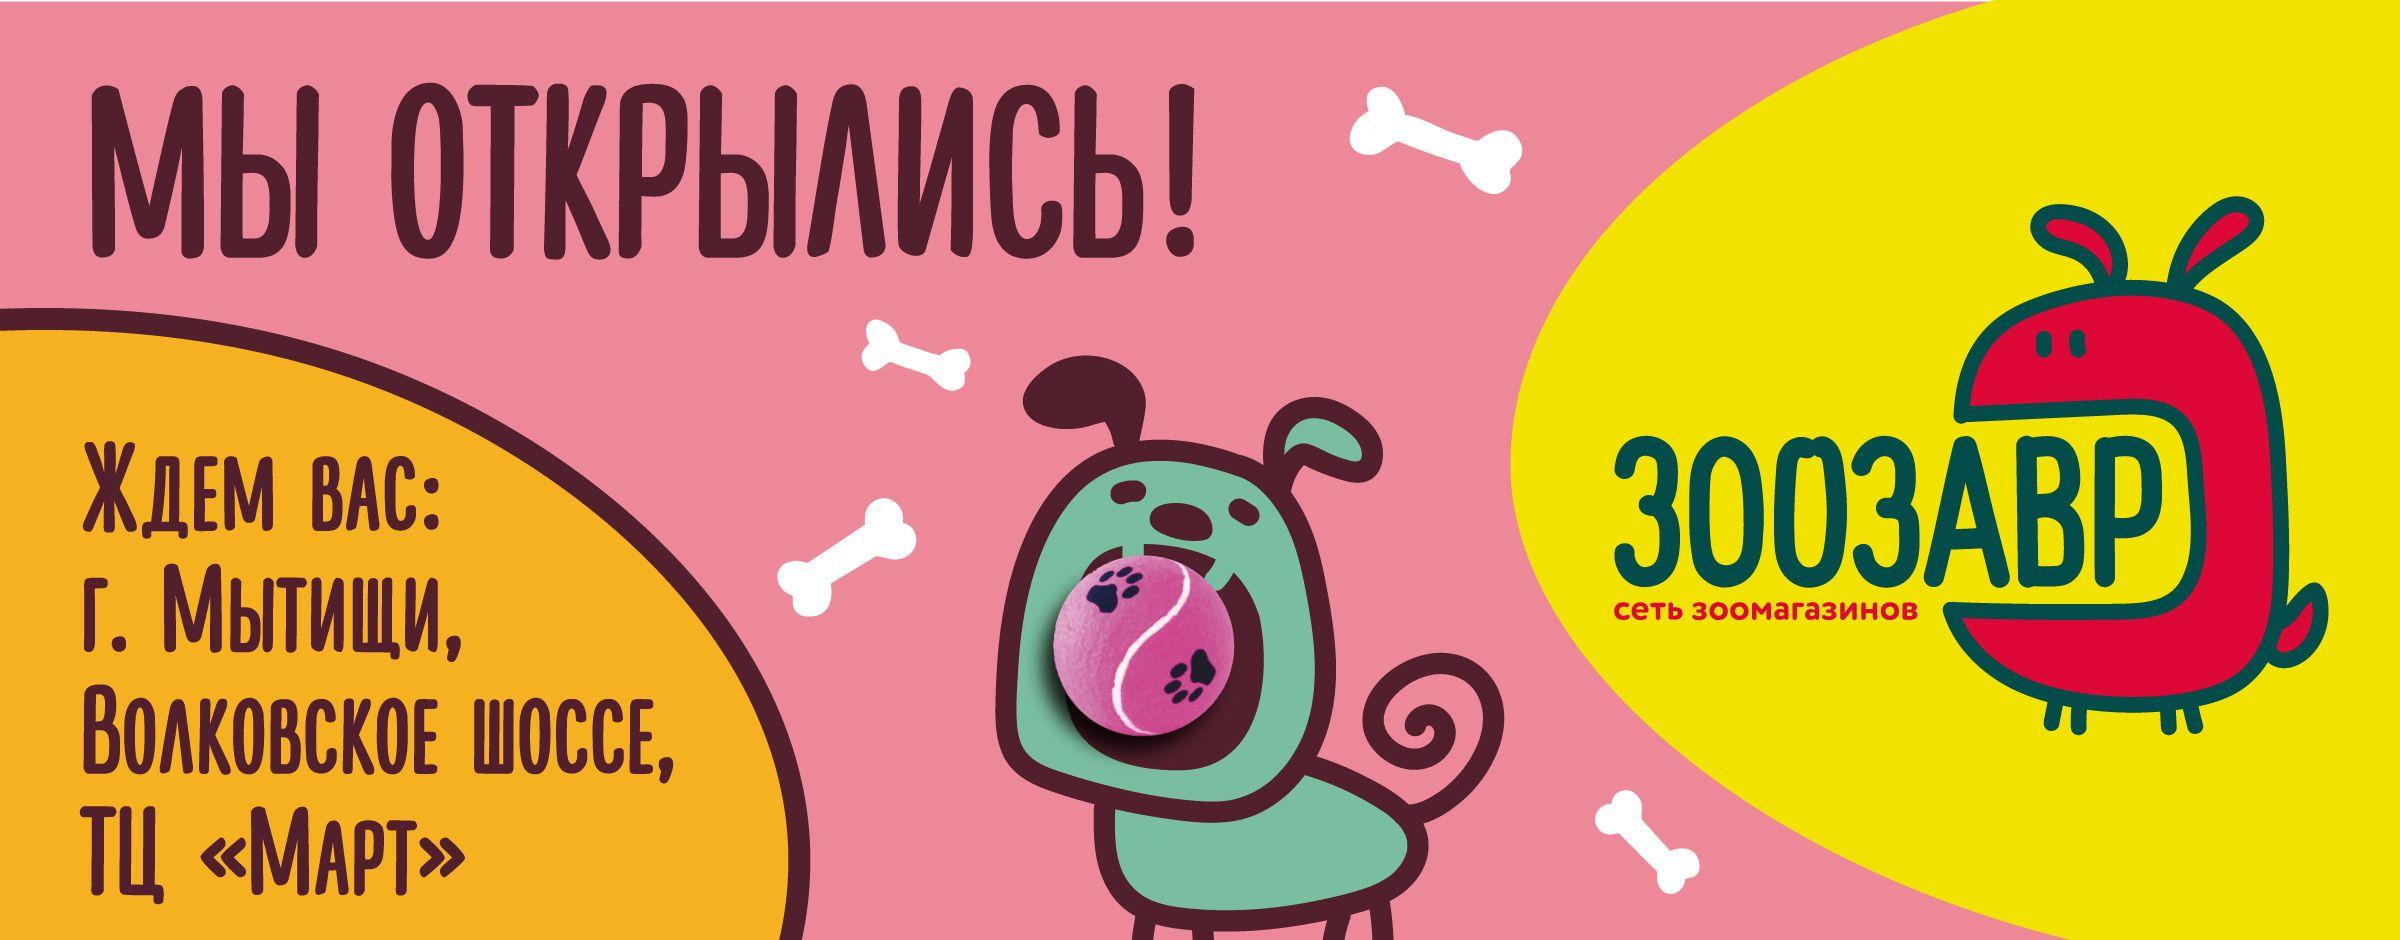 """Новый магазин Зоозавр, :  г. Мытищи, Волковское шоссе, 23Г, ТЦ """"Март"""""""